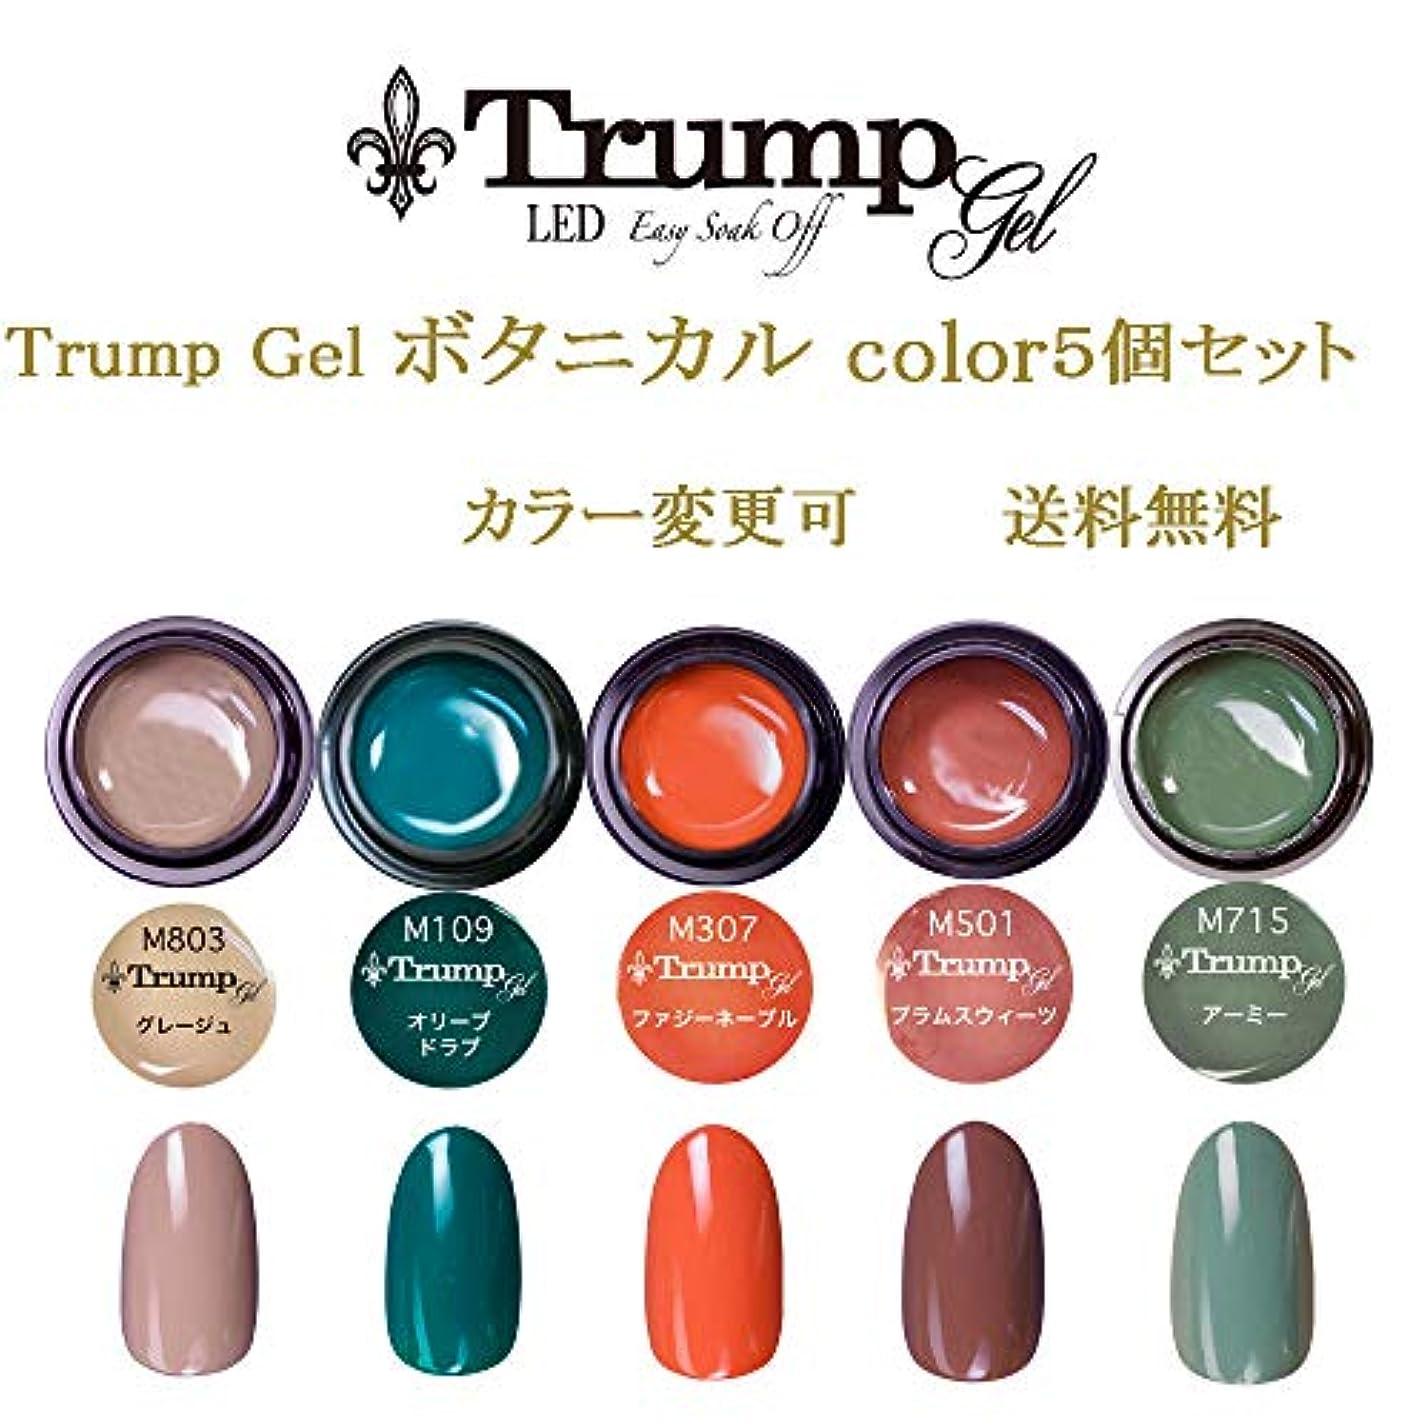 コロニアルピアニスト形状日本製 Trump gel トランプジェル ボタニカルカラー 選べる カラージェル 5個セット カーキー ベージュ グリーン